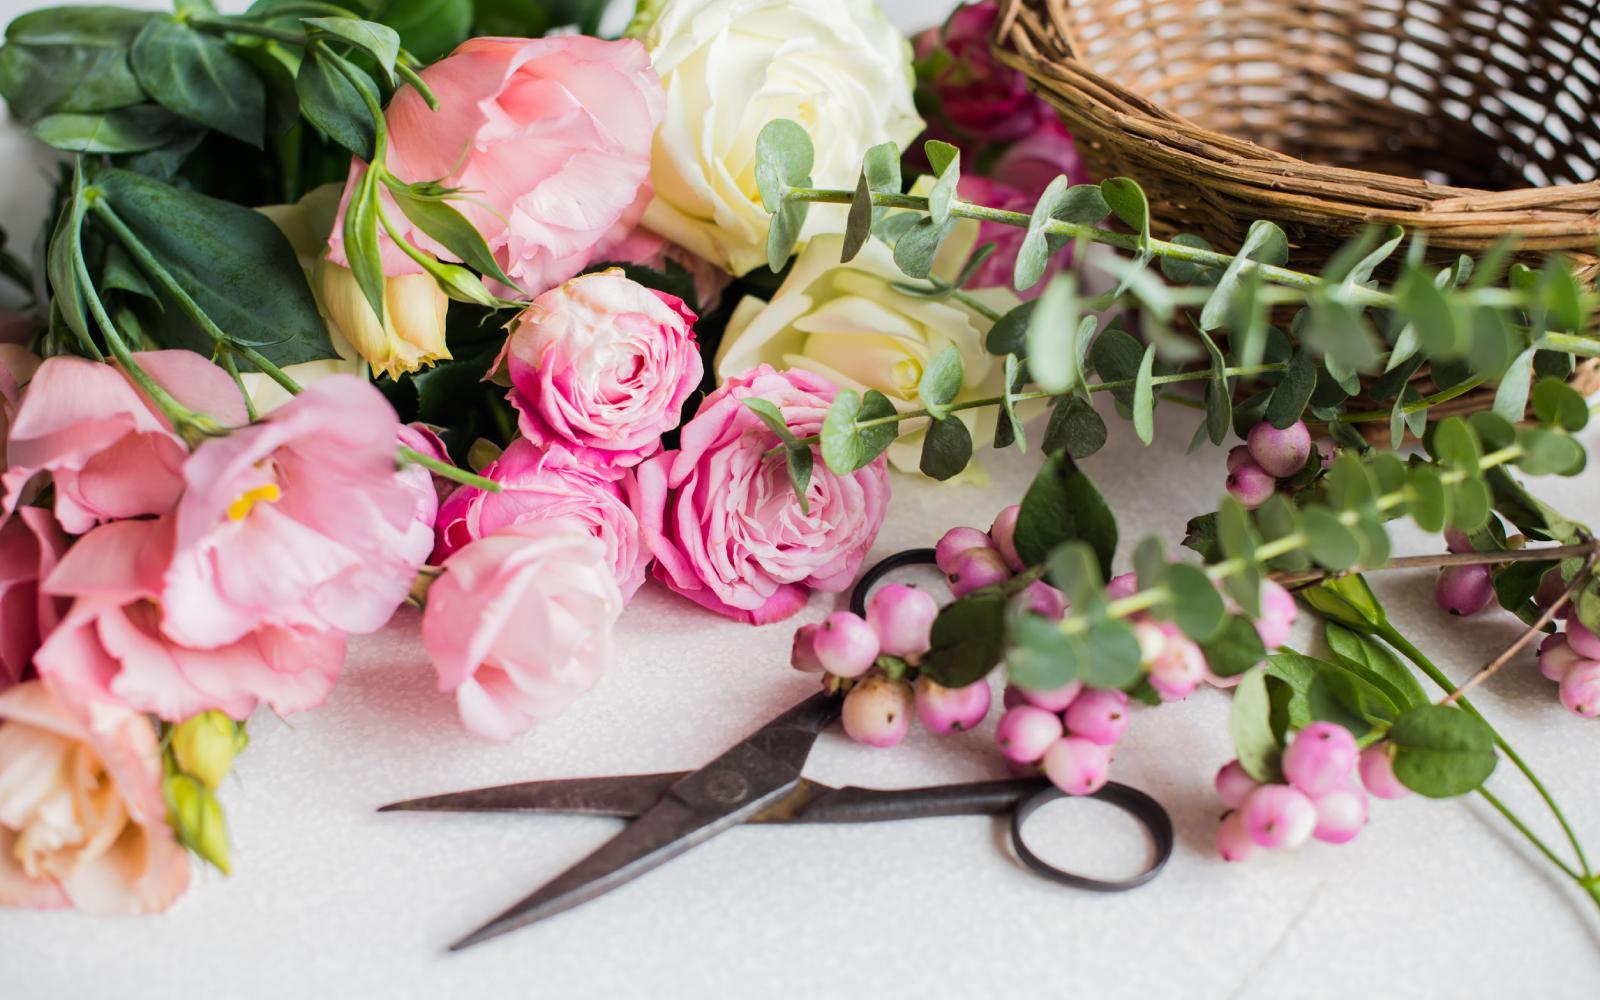 Como fazer arranjos florais cheios de harmonia